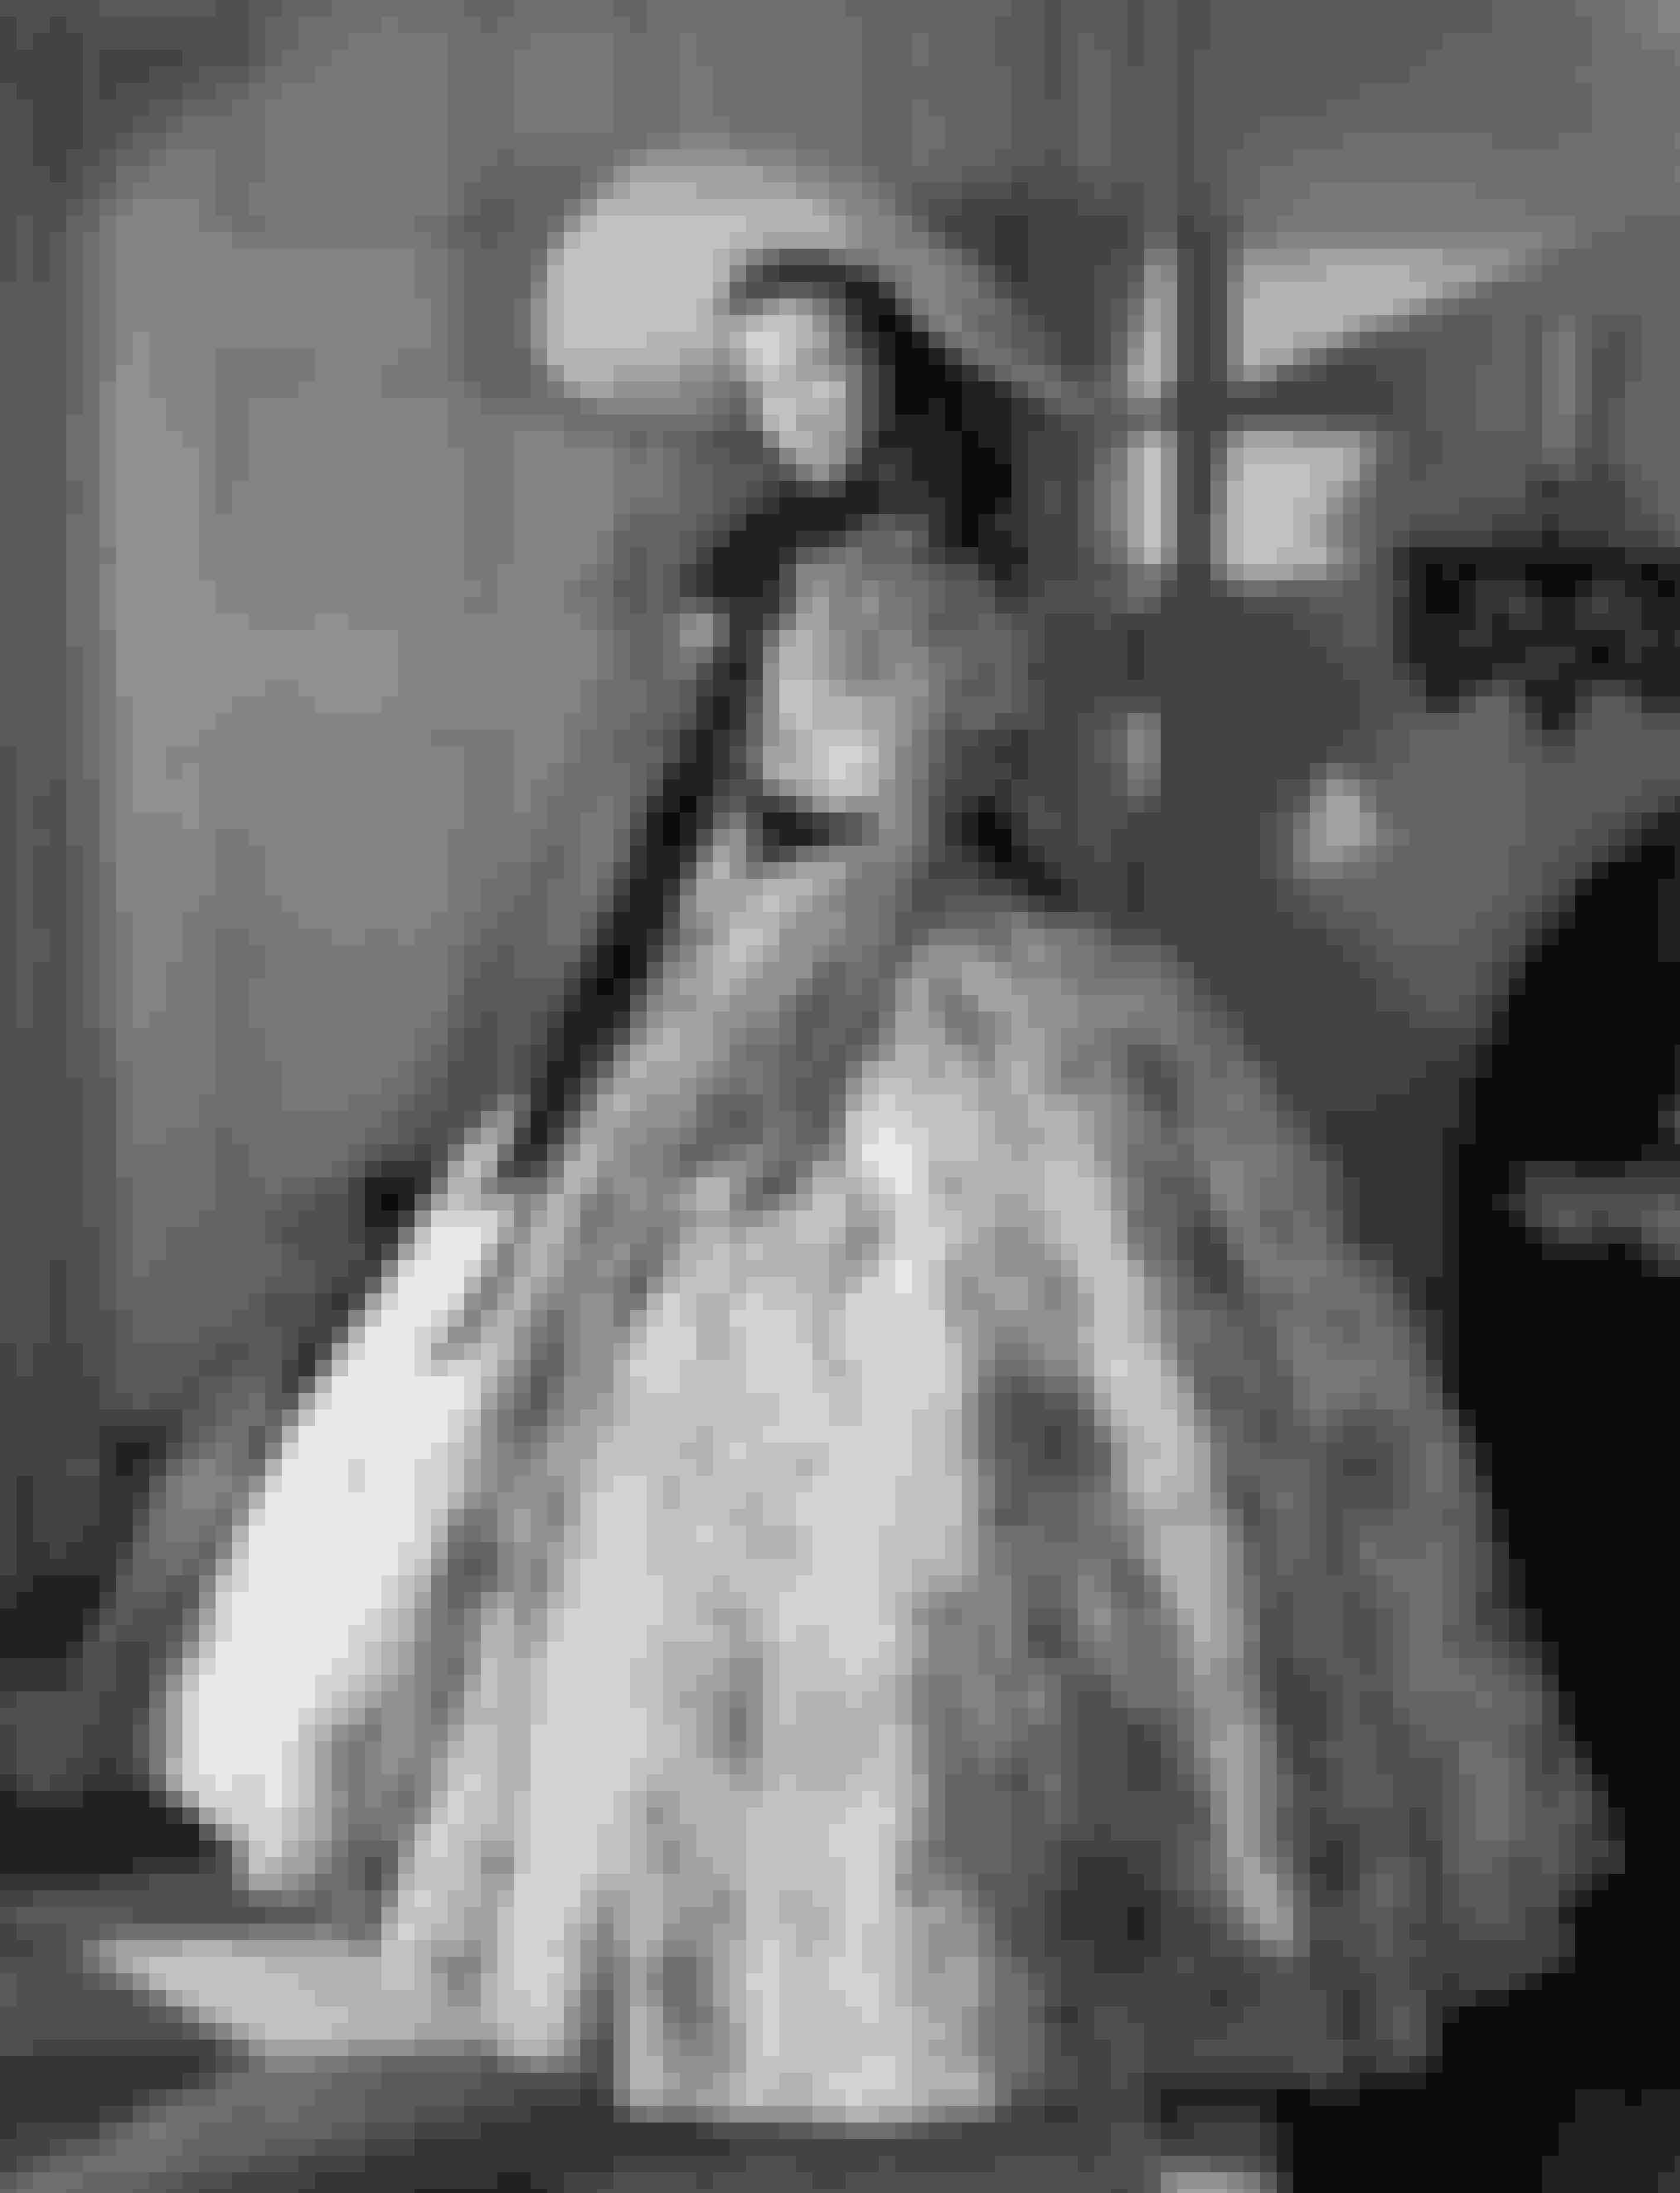 Gone With The Wind (1939)Denne romantiske klassiker, somhar den amerikanske borgerkrig som baggrund,er baseret på en roman af Margaret Mitchell, og byder på stjerner som Vivien Leigh og Clark Gable. Filmen er også berømt for en scene, hvorScarlett O'Hara (Leigh) laver en elegant kjole ud af nogle gamle gardiner.